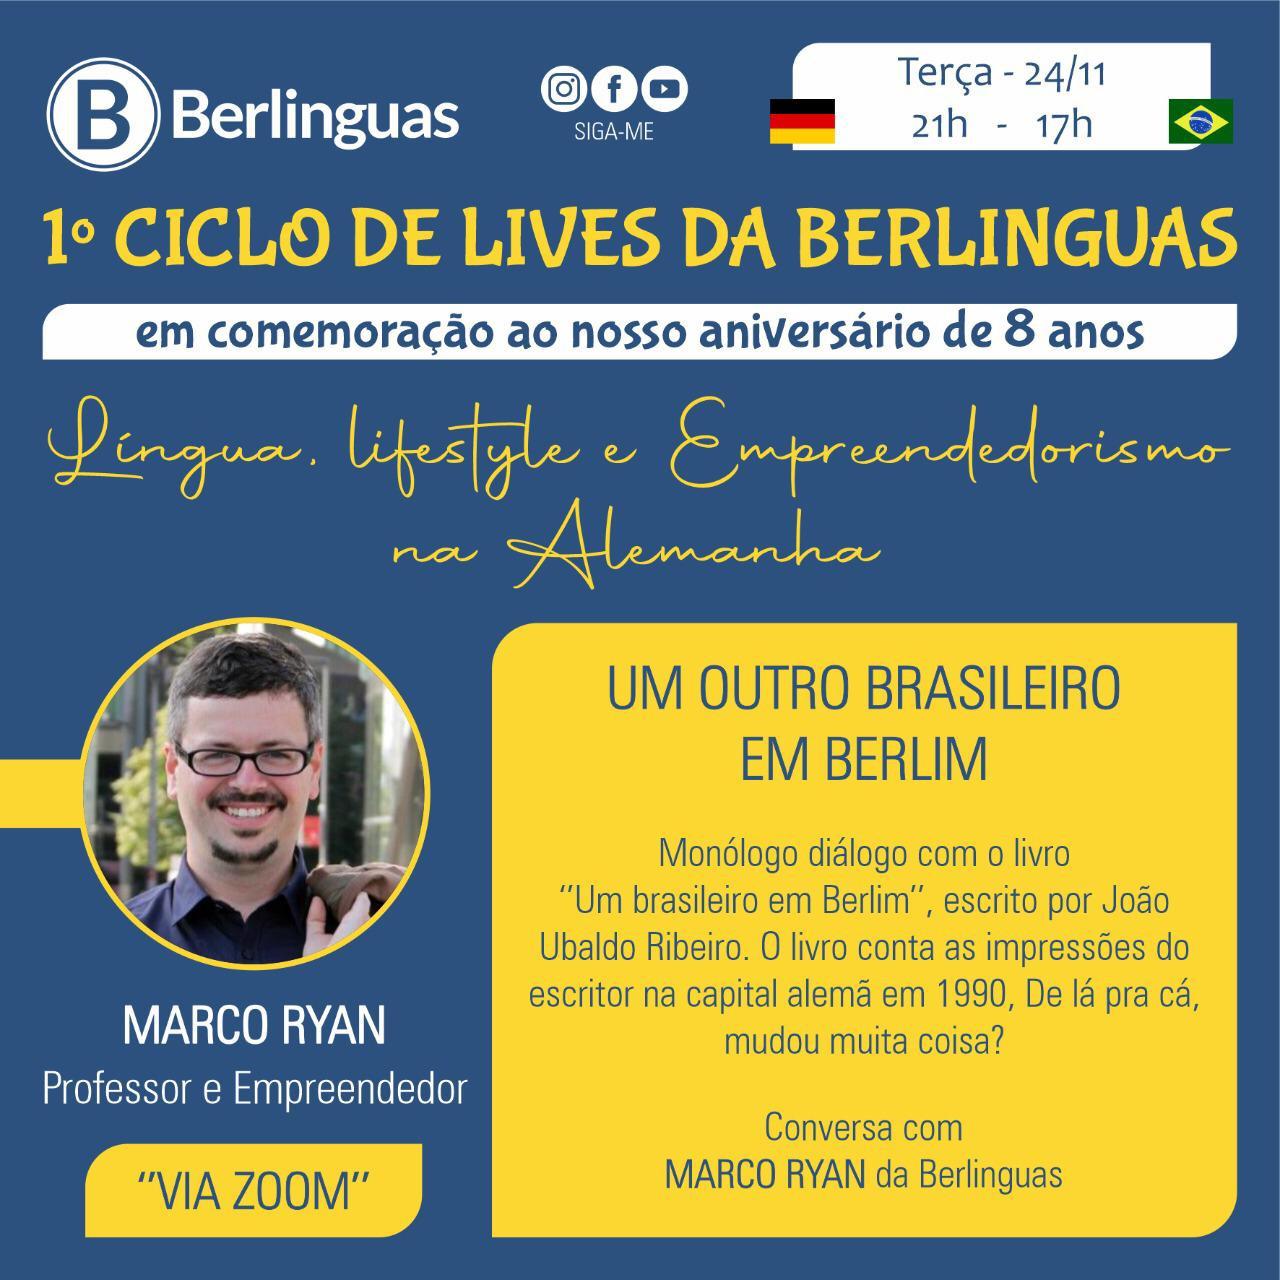 1-ciclo-de-lives-da-berlinguas-marco-ryan